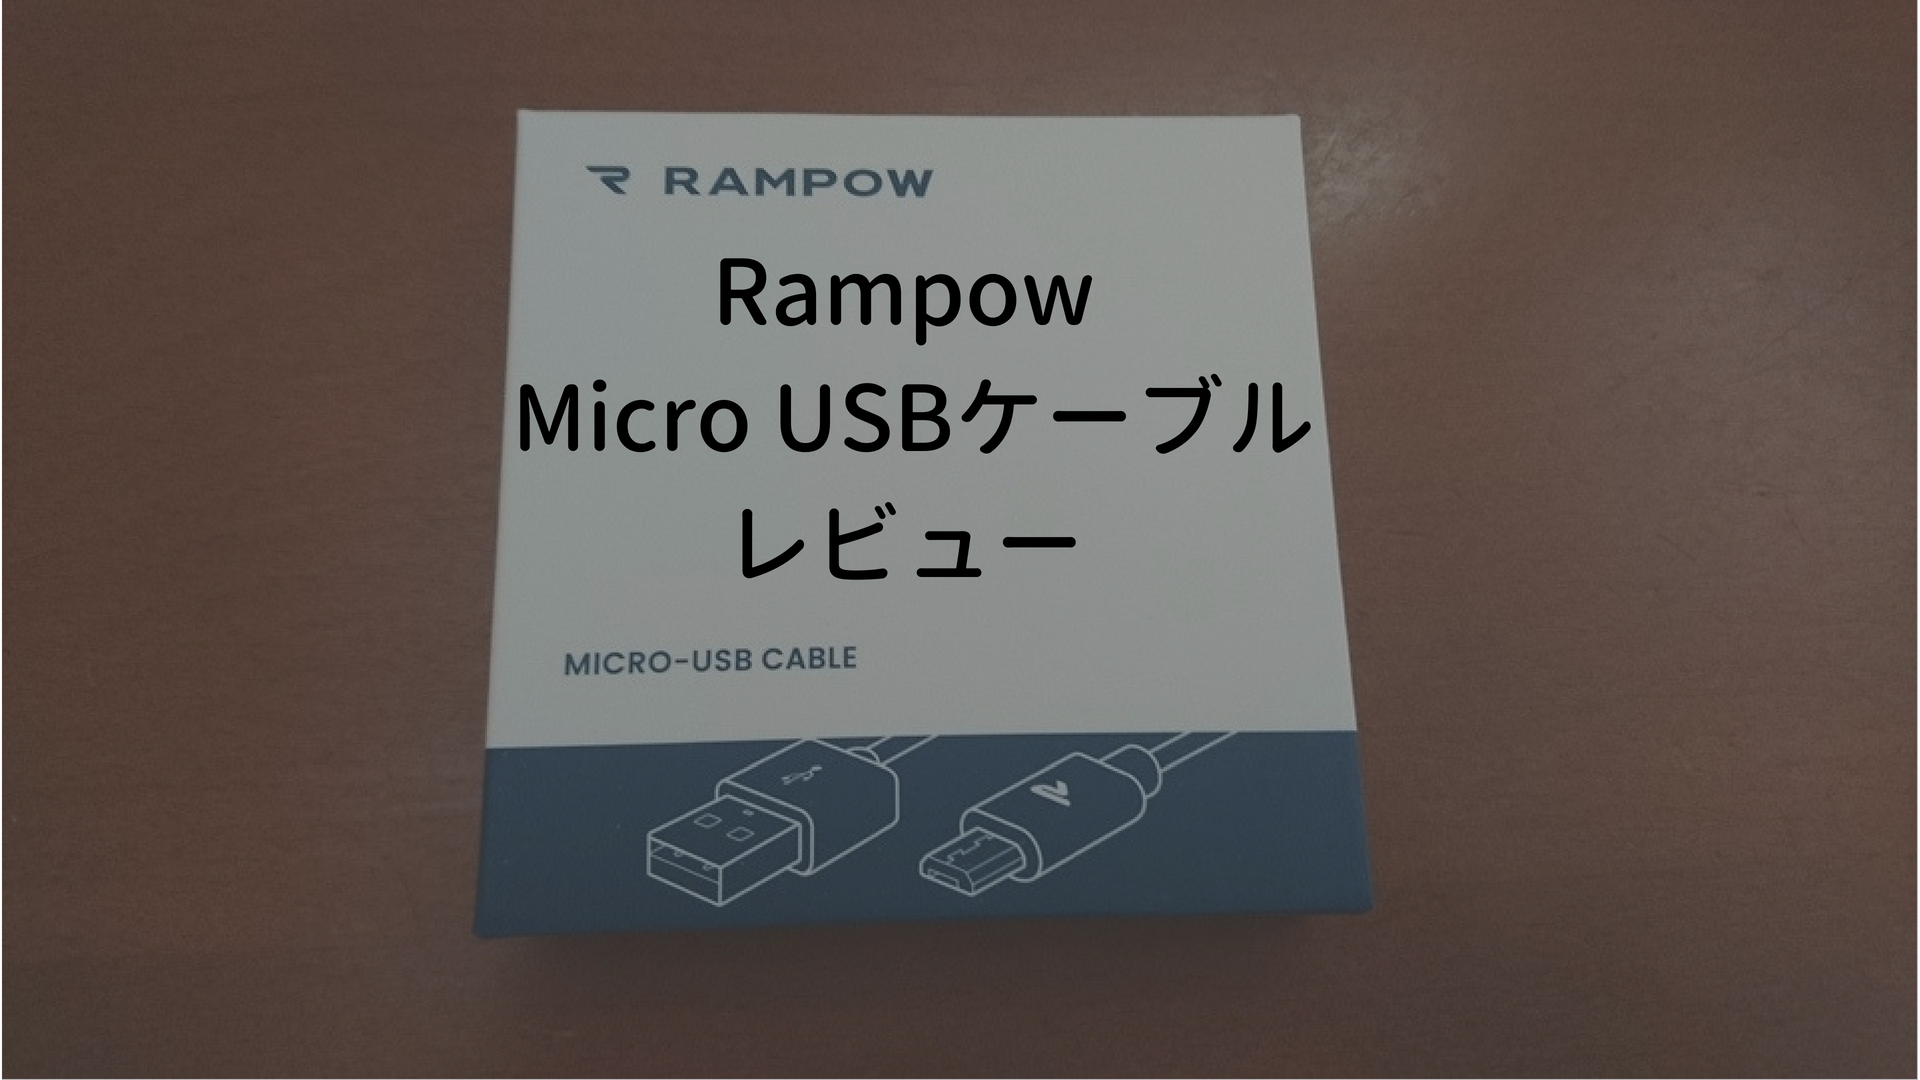 RampowのMicro USBケーブルアイキャッチ